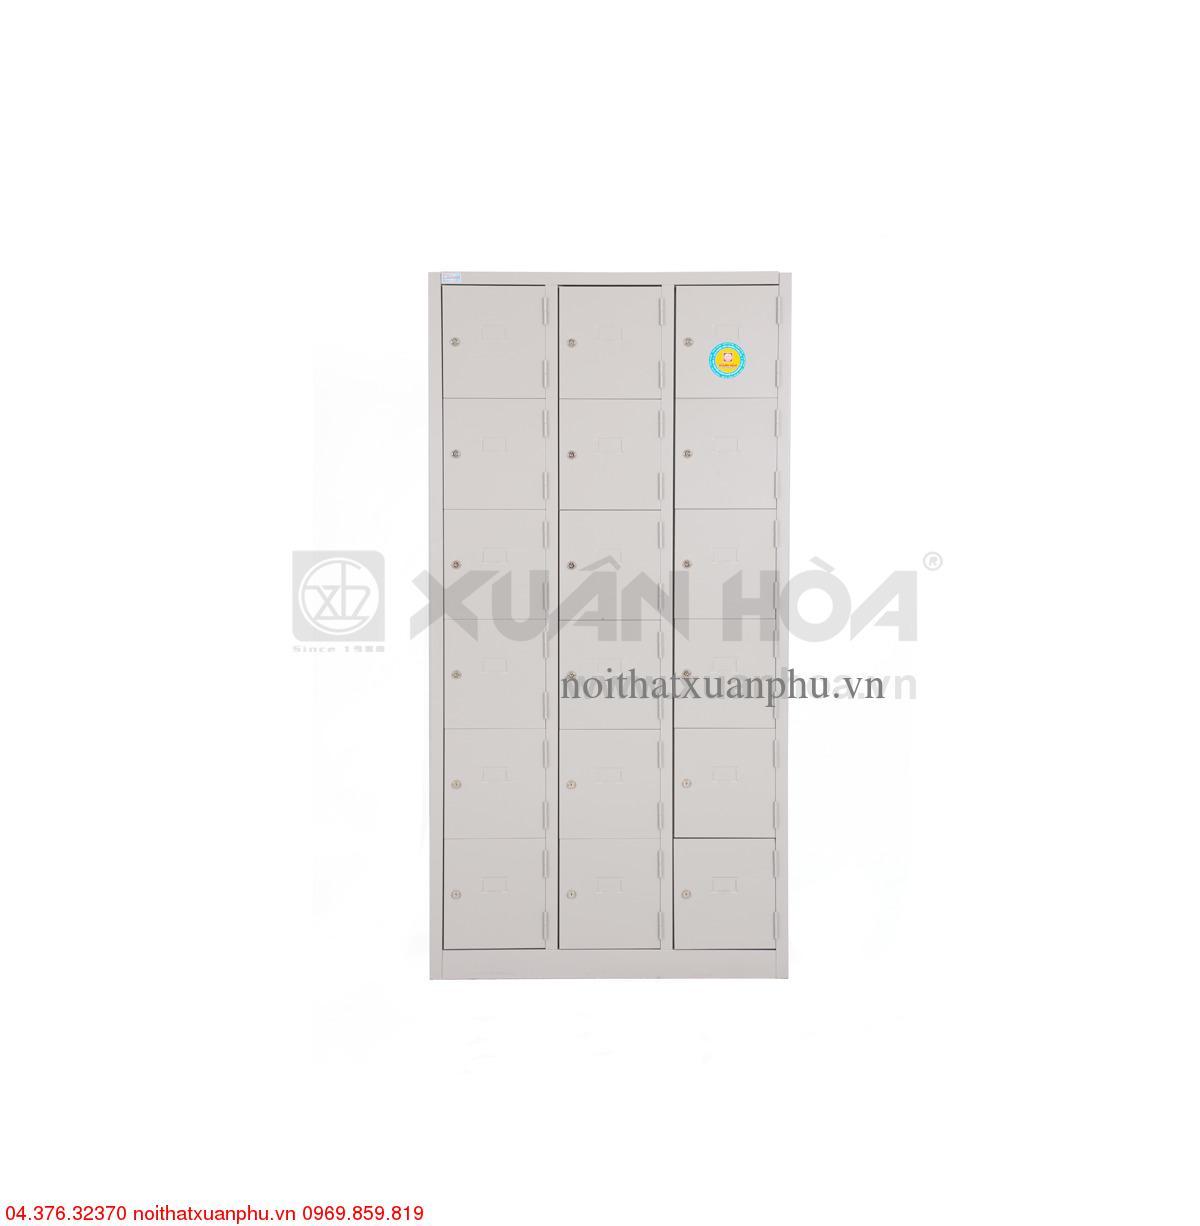 Hình ảnh sản phẩm Tủ sắt văn phòng Xuân Hòa LK-18N-03 91,5 x 45 x 183 cm